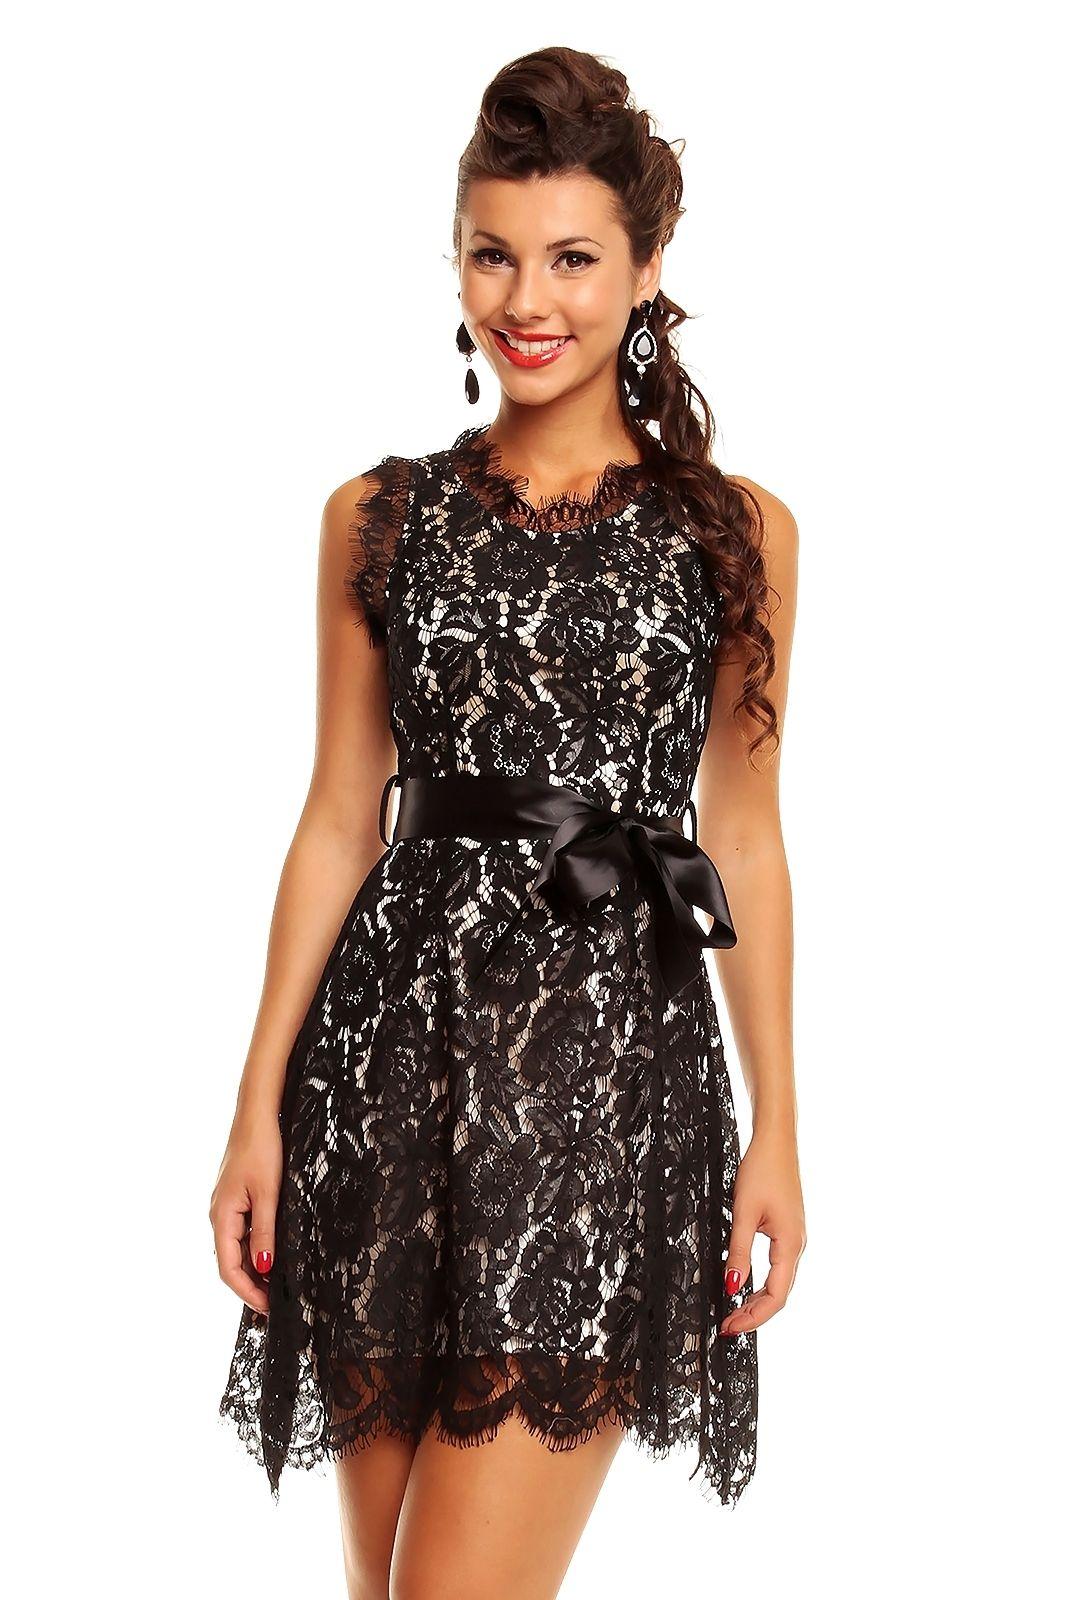 Robe De Cocktail Noire Chic Et Tendance Robe De Cocktail Pas Cher Tm Be1185 Cocktail Dress Dresses Fashion